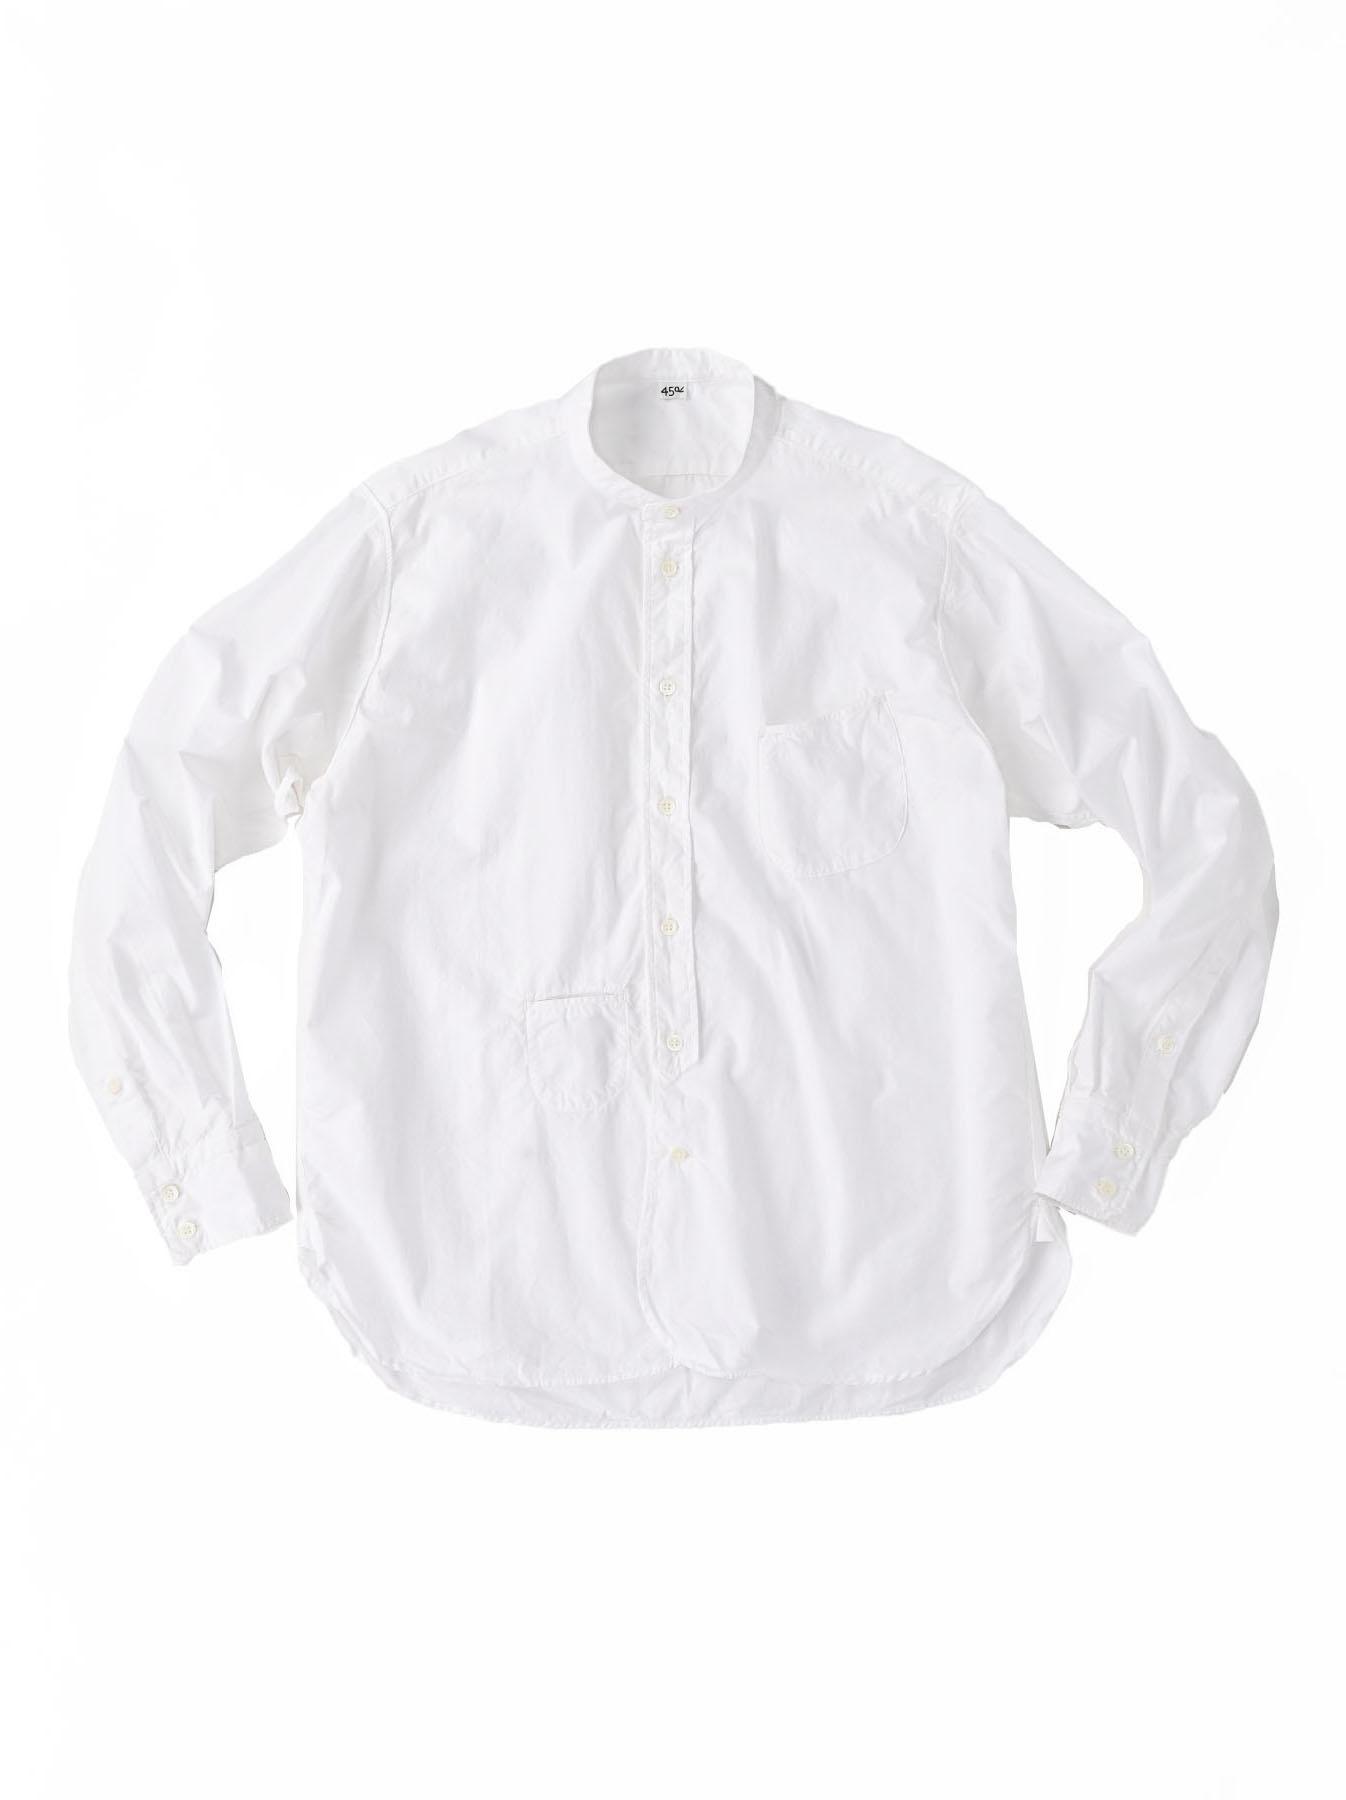 Damp 908 Stand Ocean Shirt(0721)-1